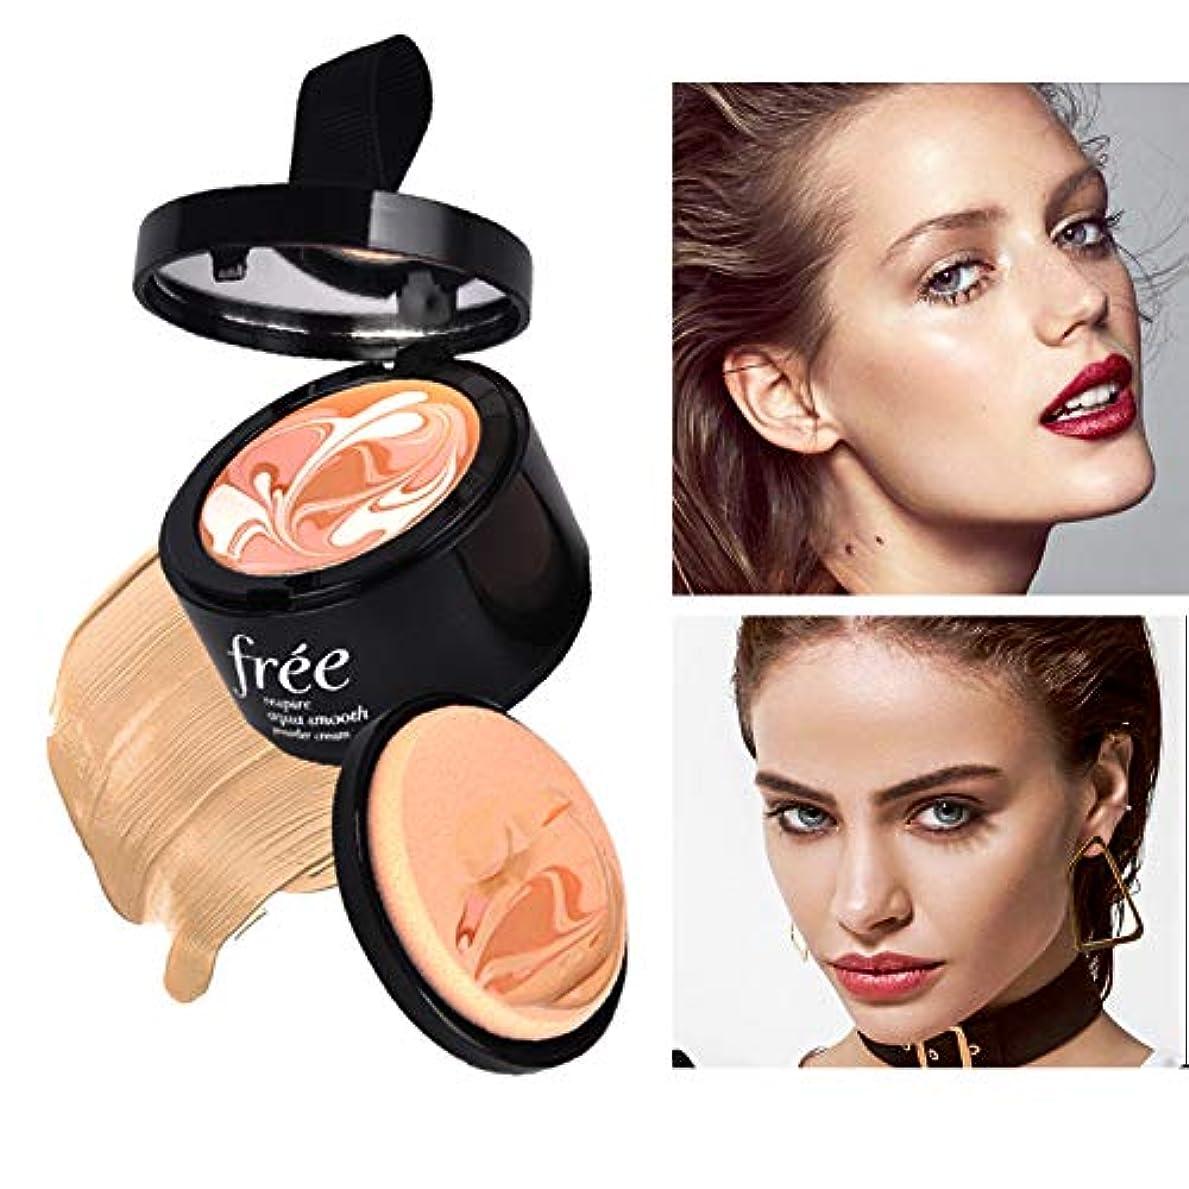 足学習トラックFoundation Cream Concealer moisturizing Whitening flawless makeup For Face Beauty Base Makeup ファンデーションクリームコンシーラーモイスチャライジングホワイトニングフェイシャルメイクアップフェイシャルビューティベースメイクアップ